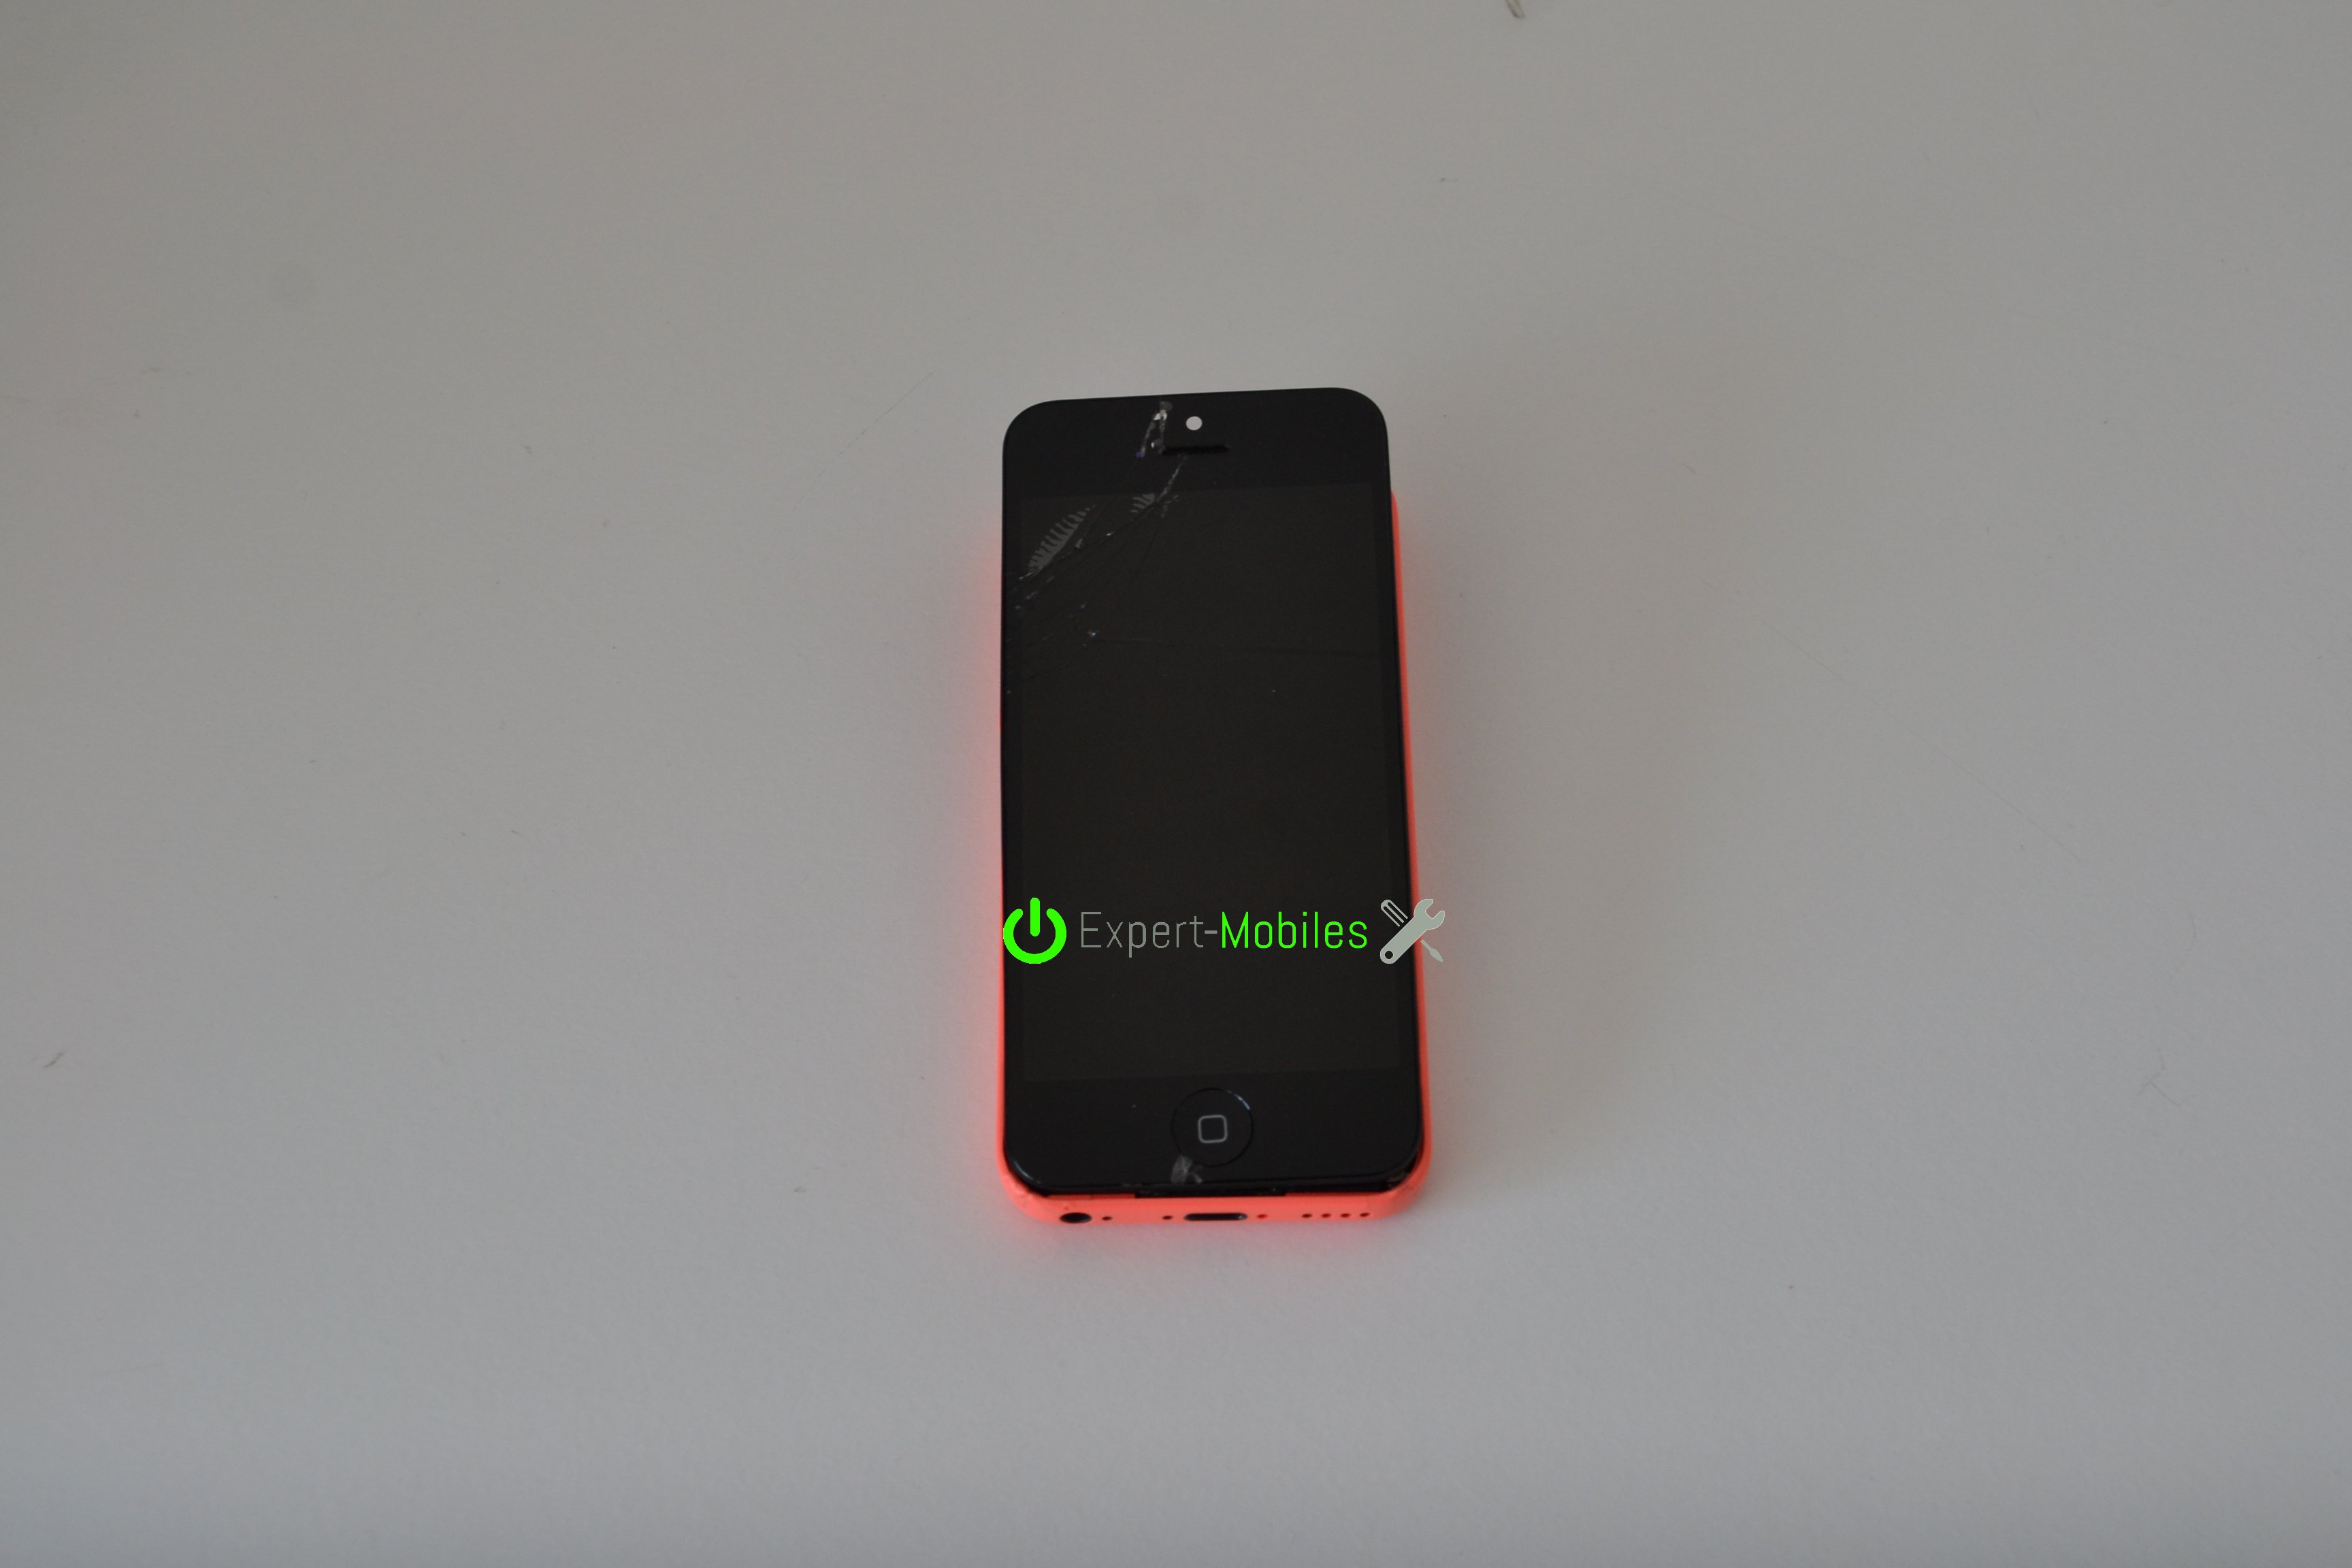 Remplacement de l 39 cran d 39 un iphone 5c expert mobiles - Reparation telephone lorient ...